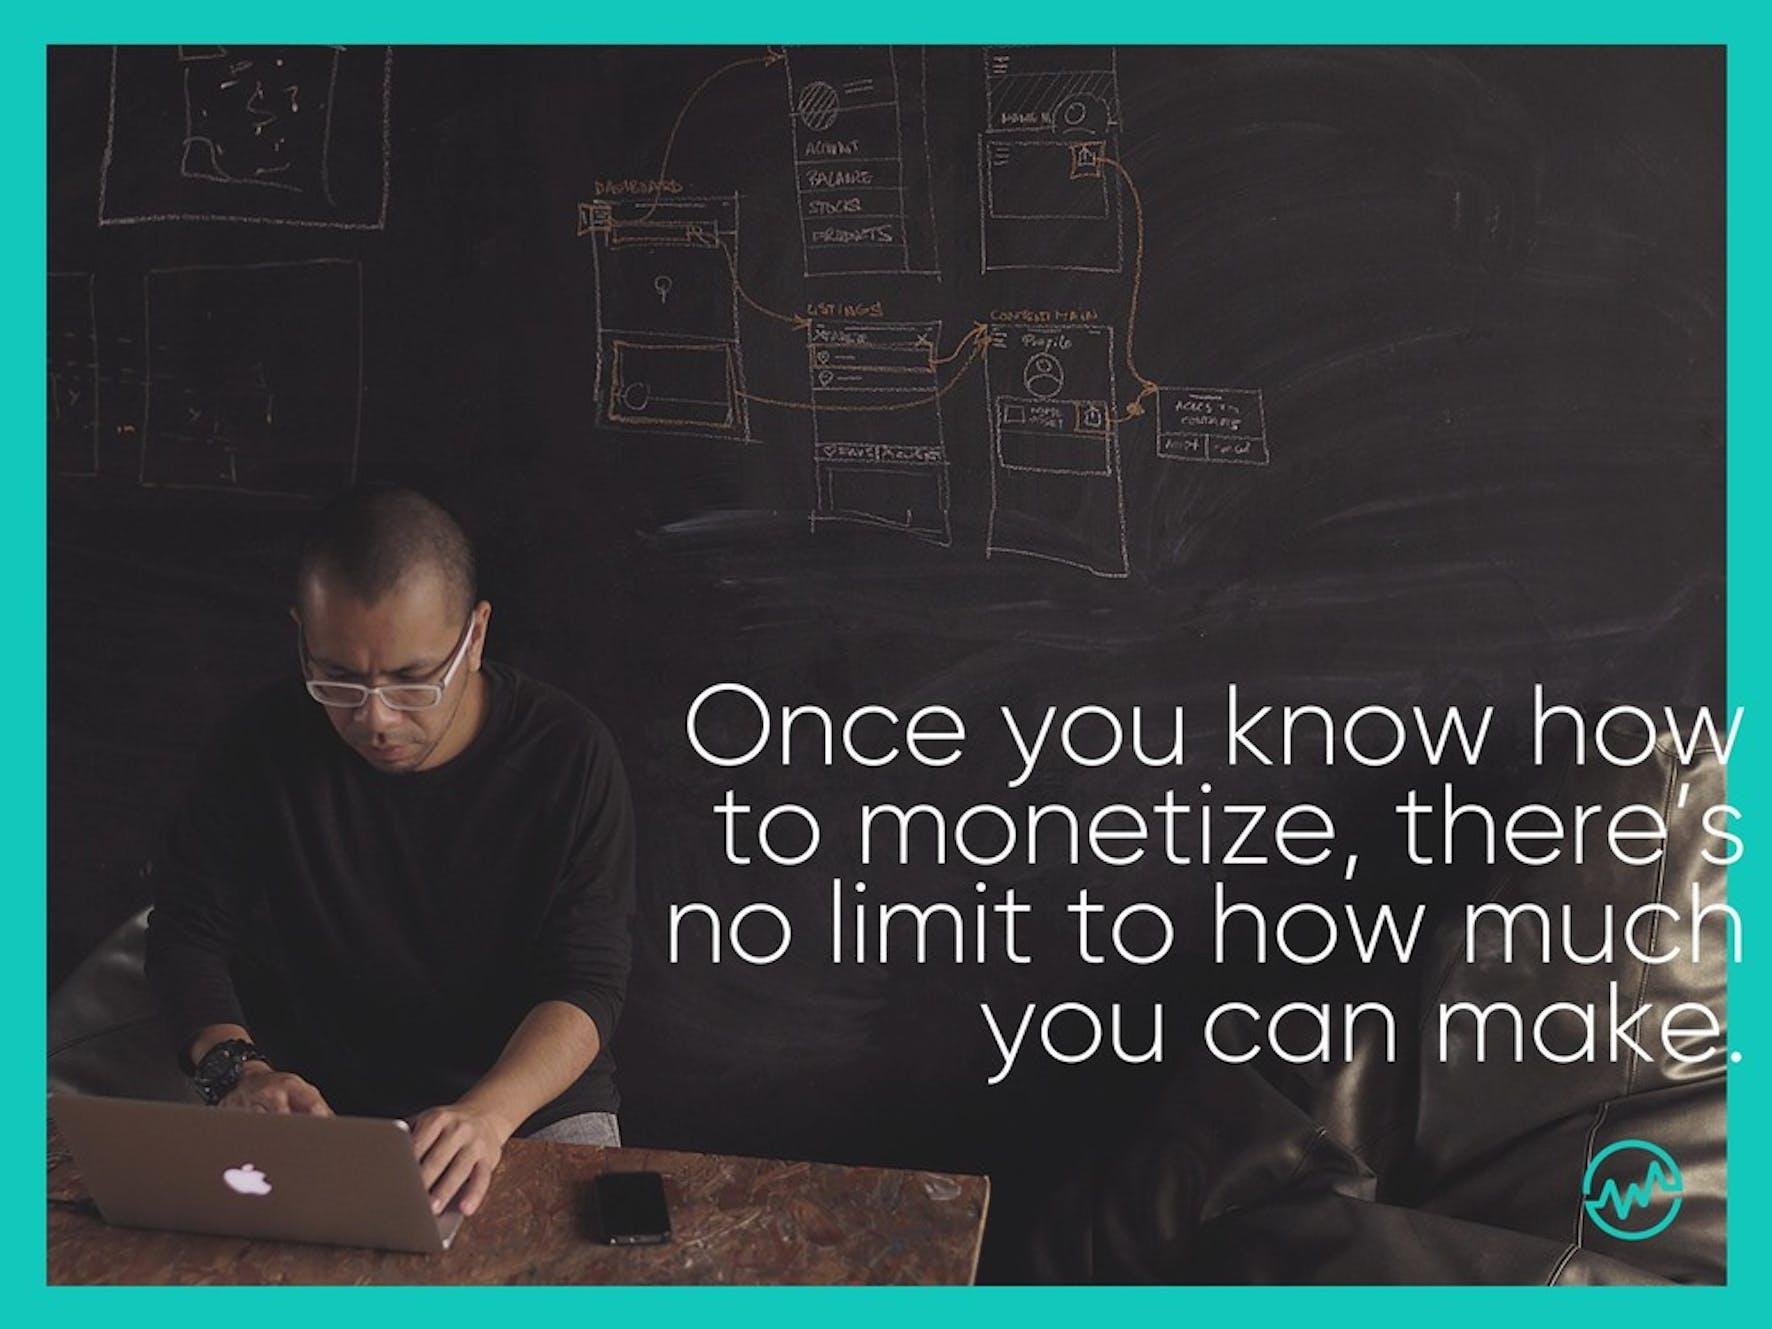 An entrepreneur monetizing a website